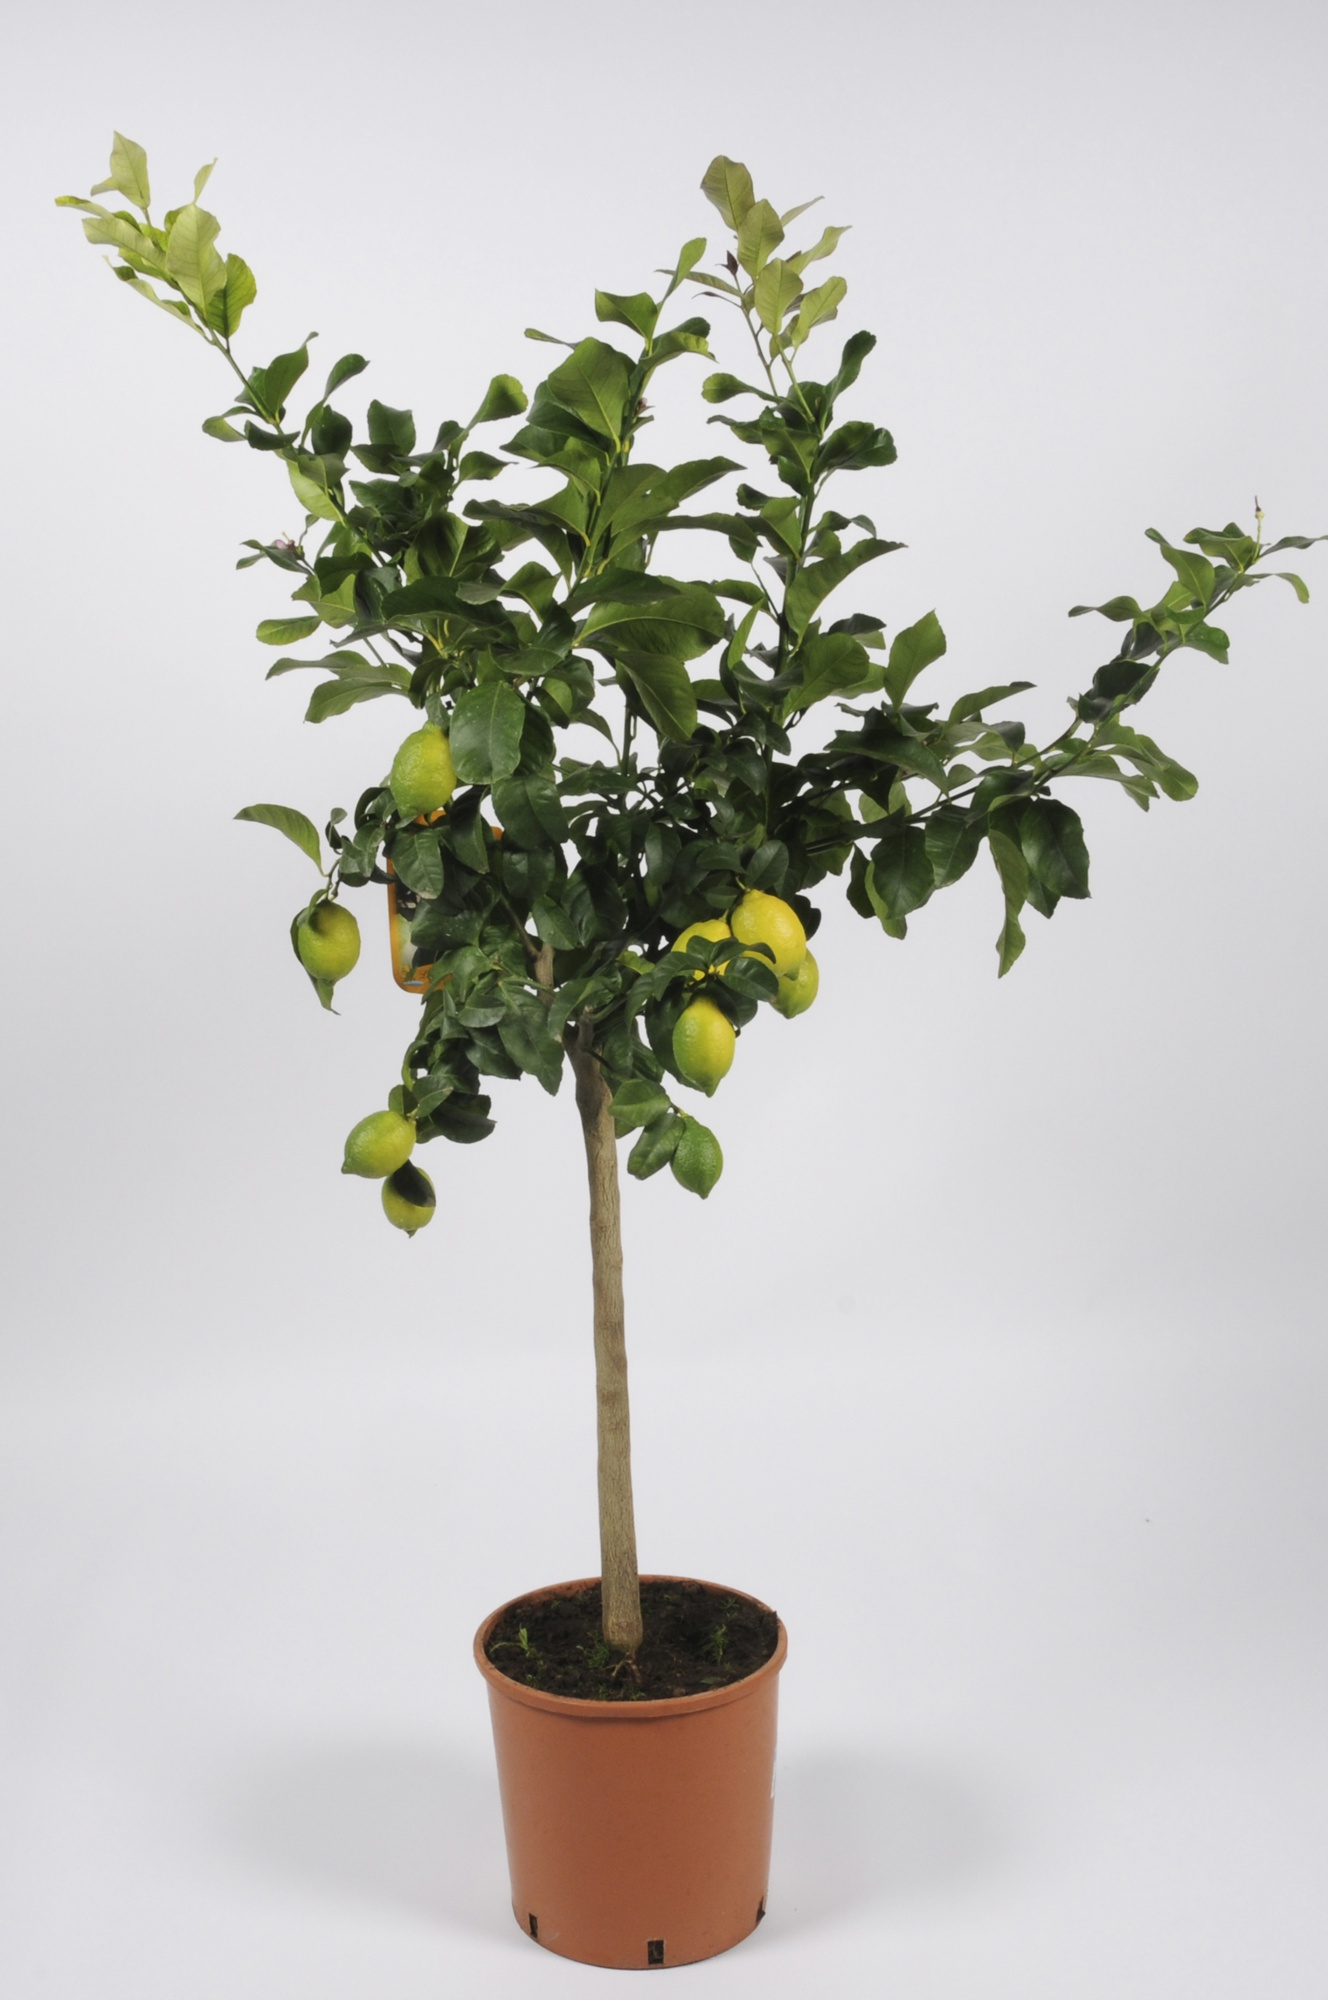 Citrus Lemon Tige 100/120cm x D24